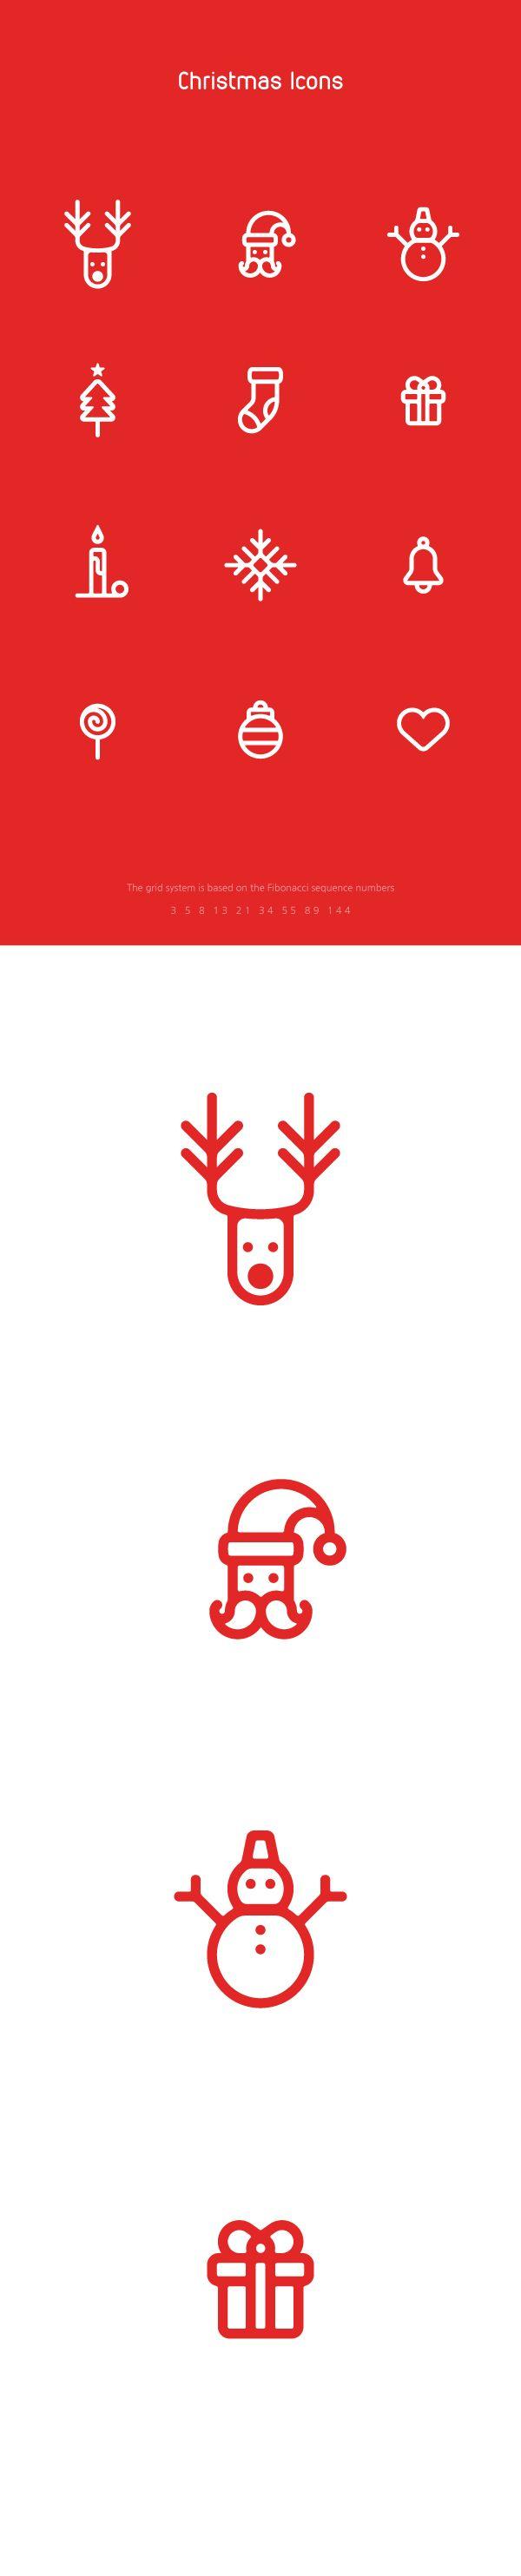 Christmas Icons on Behance Christmas icons, Christmas